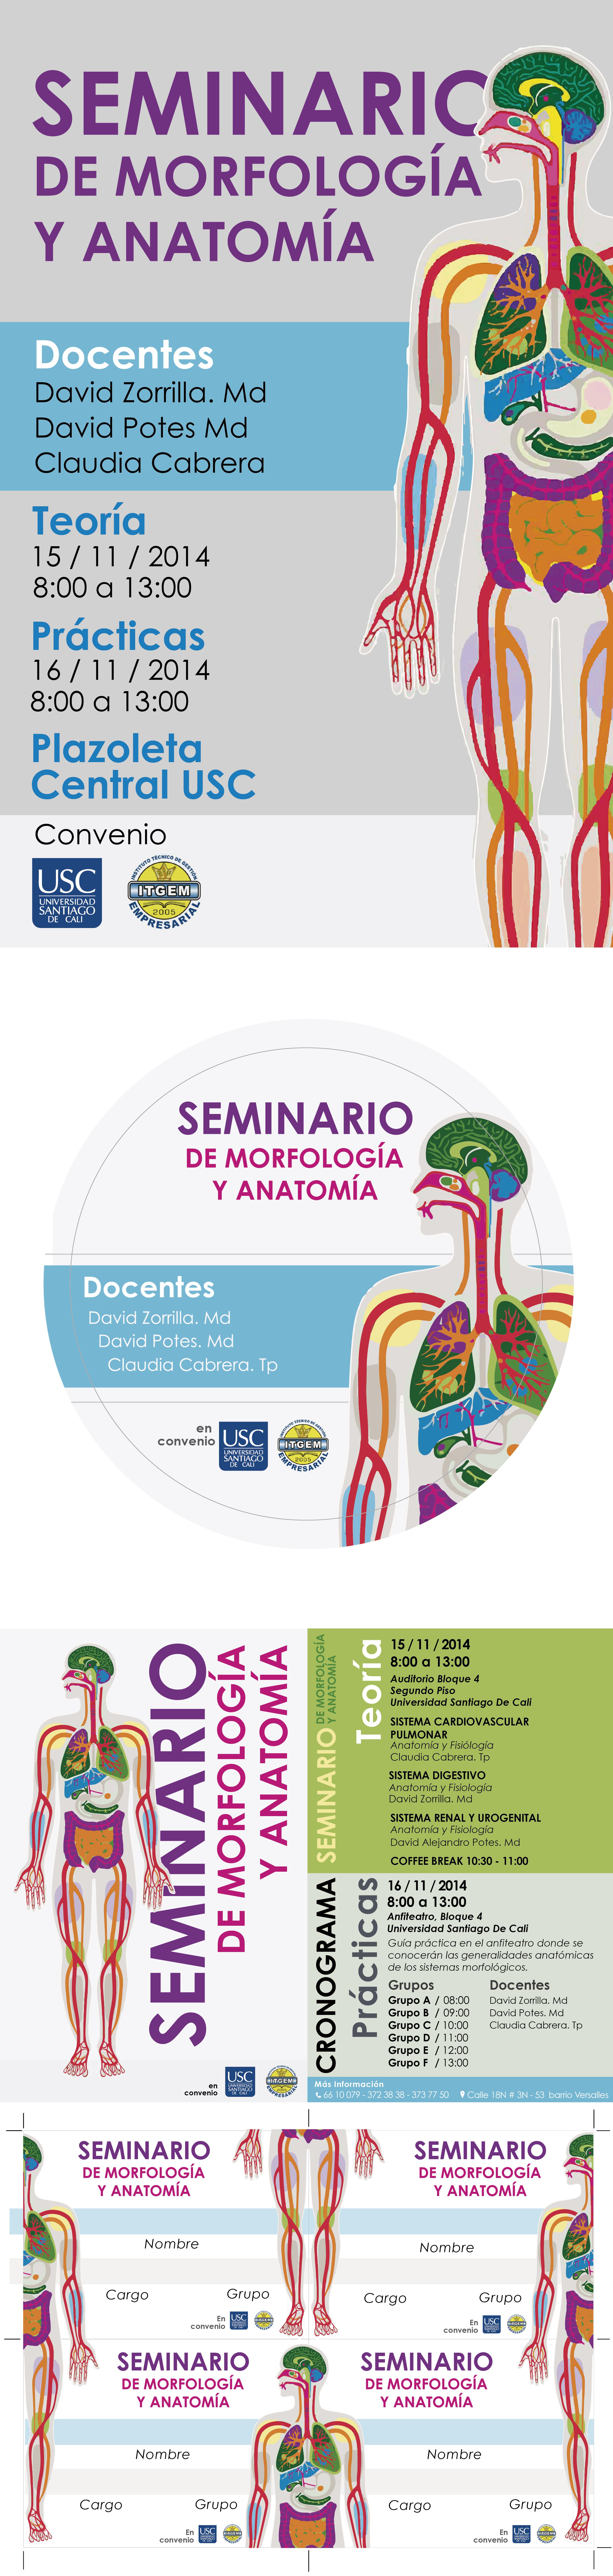 Bonito Realizado Por La Anatomía Fotos - Imágenes de Anatomía Humana ...